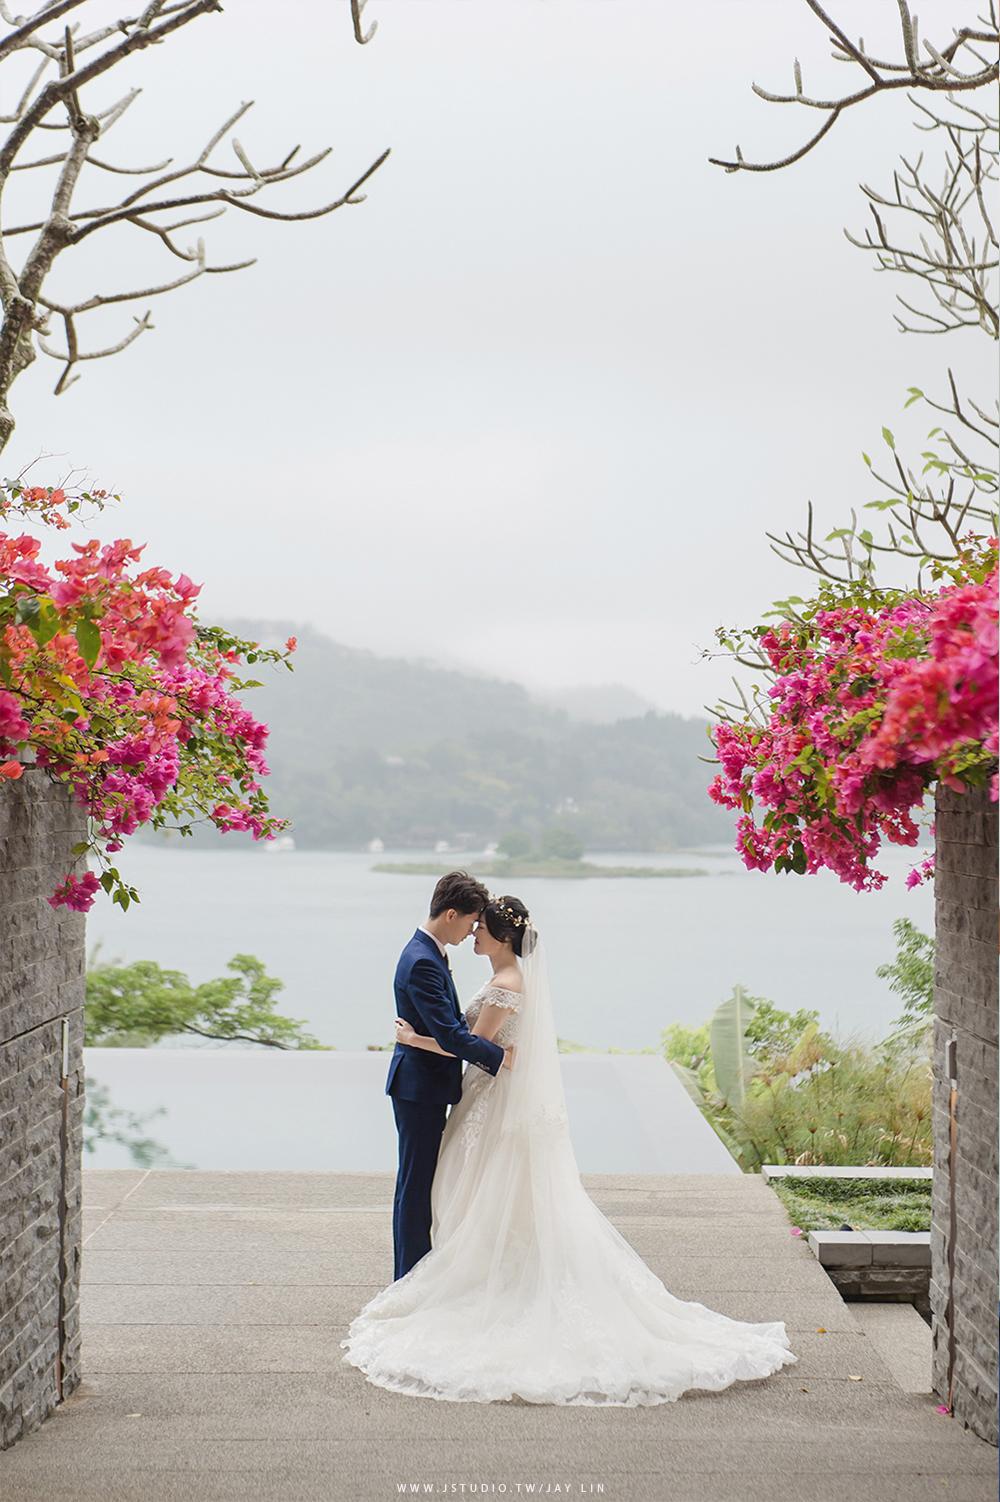 婚攝 日月潭 涵碧樓 戶外證婚 婚禮紀錄 推薦婚攝 JSTUDIO_0107